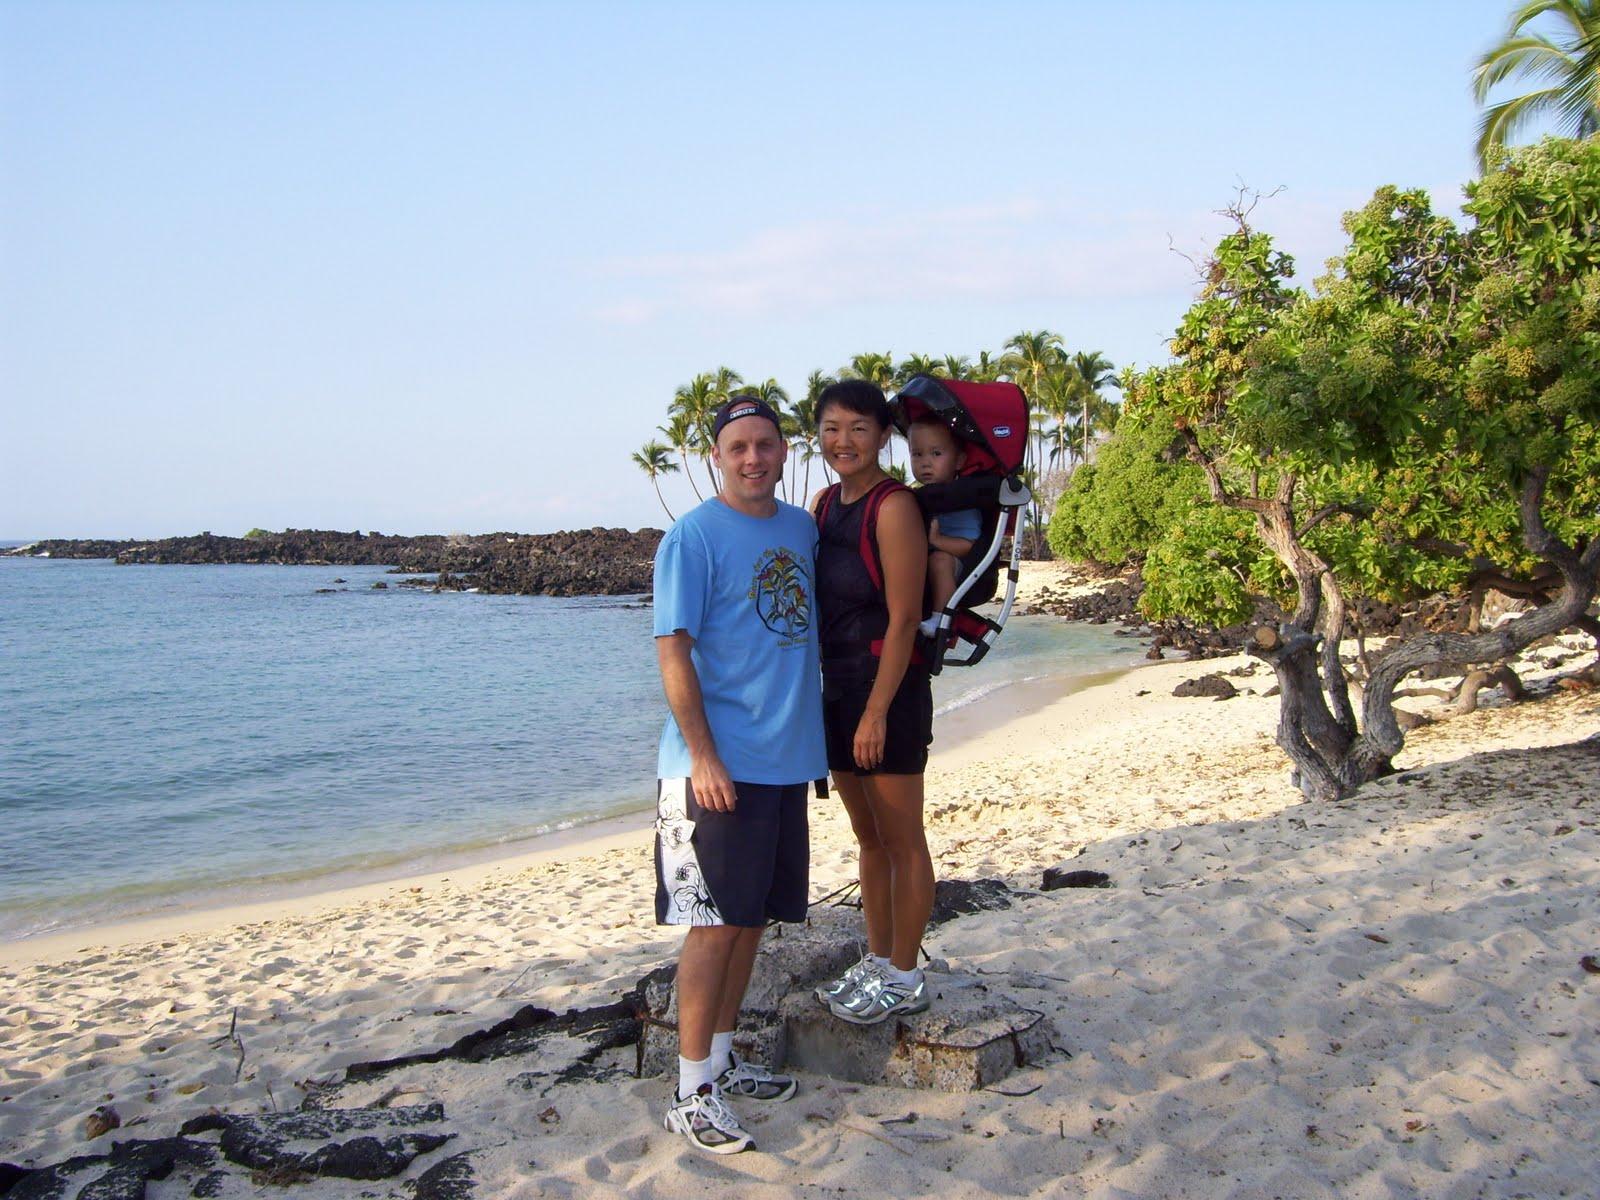 http://4.bp.blogspot.com/_jifpVkZ3xOU/SwopFyAsuwI/AAAAAAAABeo/xTzF_DwvFsg/s1600/Beach%2BHike%2B(Kekaha%2BKai%2Bto%2BMakalawena)%2B(2).JPG